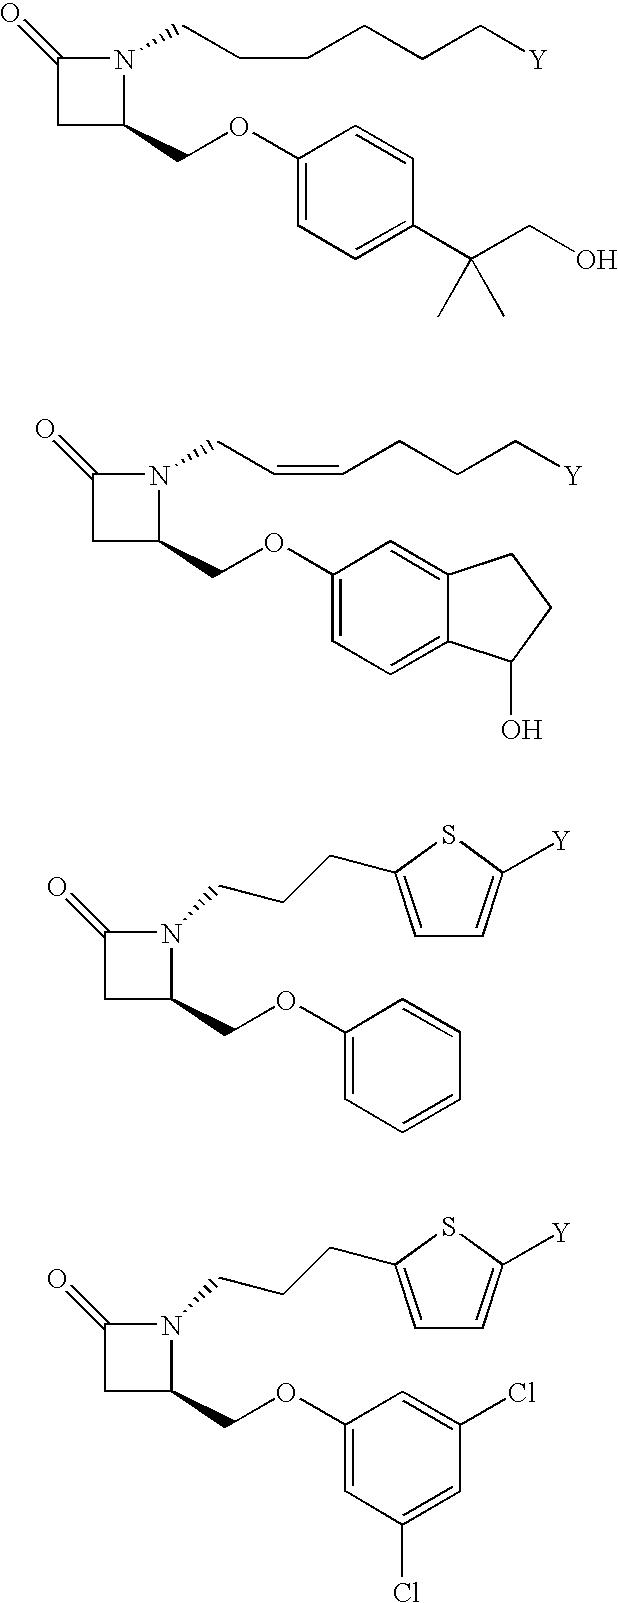 Figure US20090227557A1-20090910-C00019